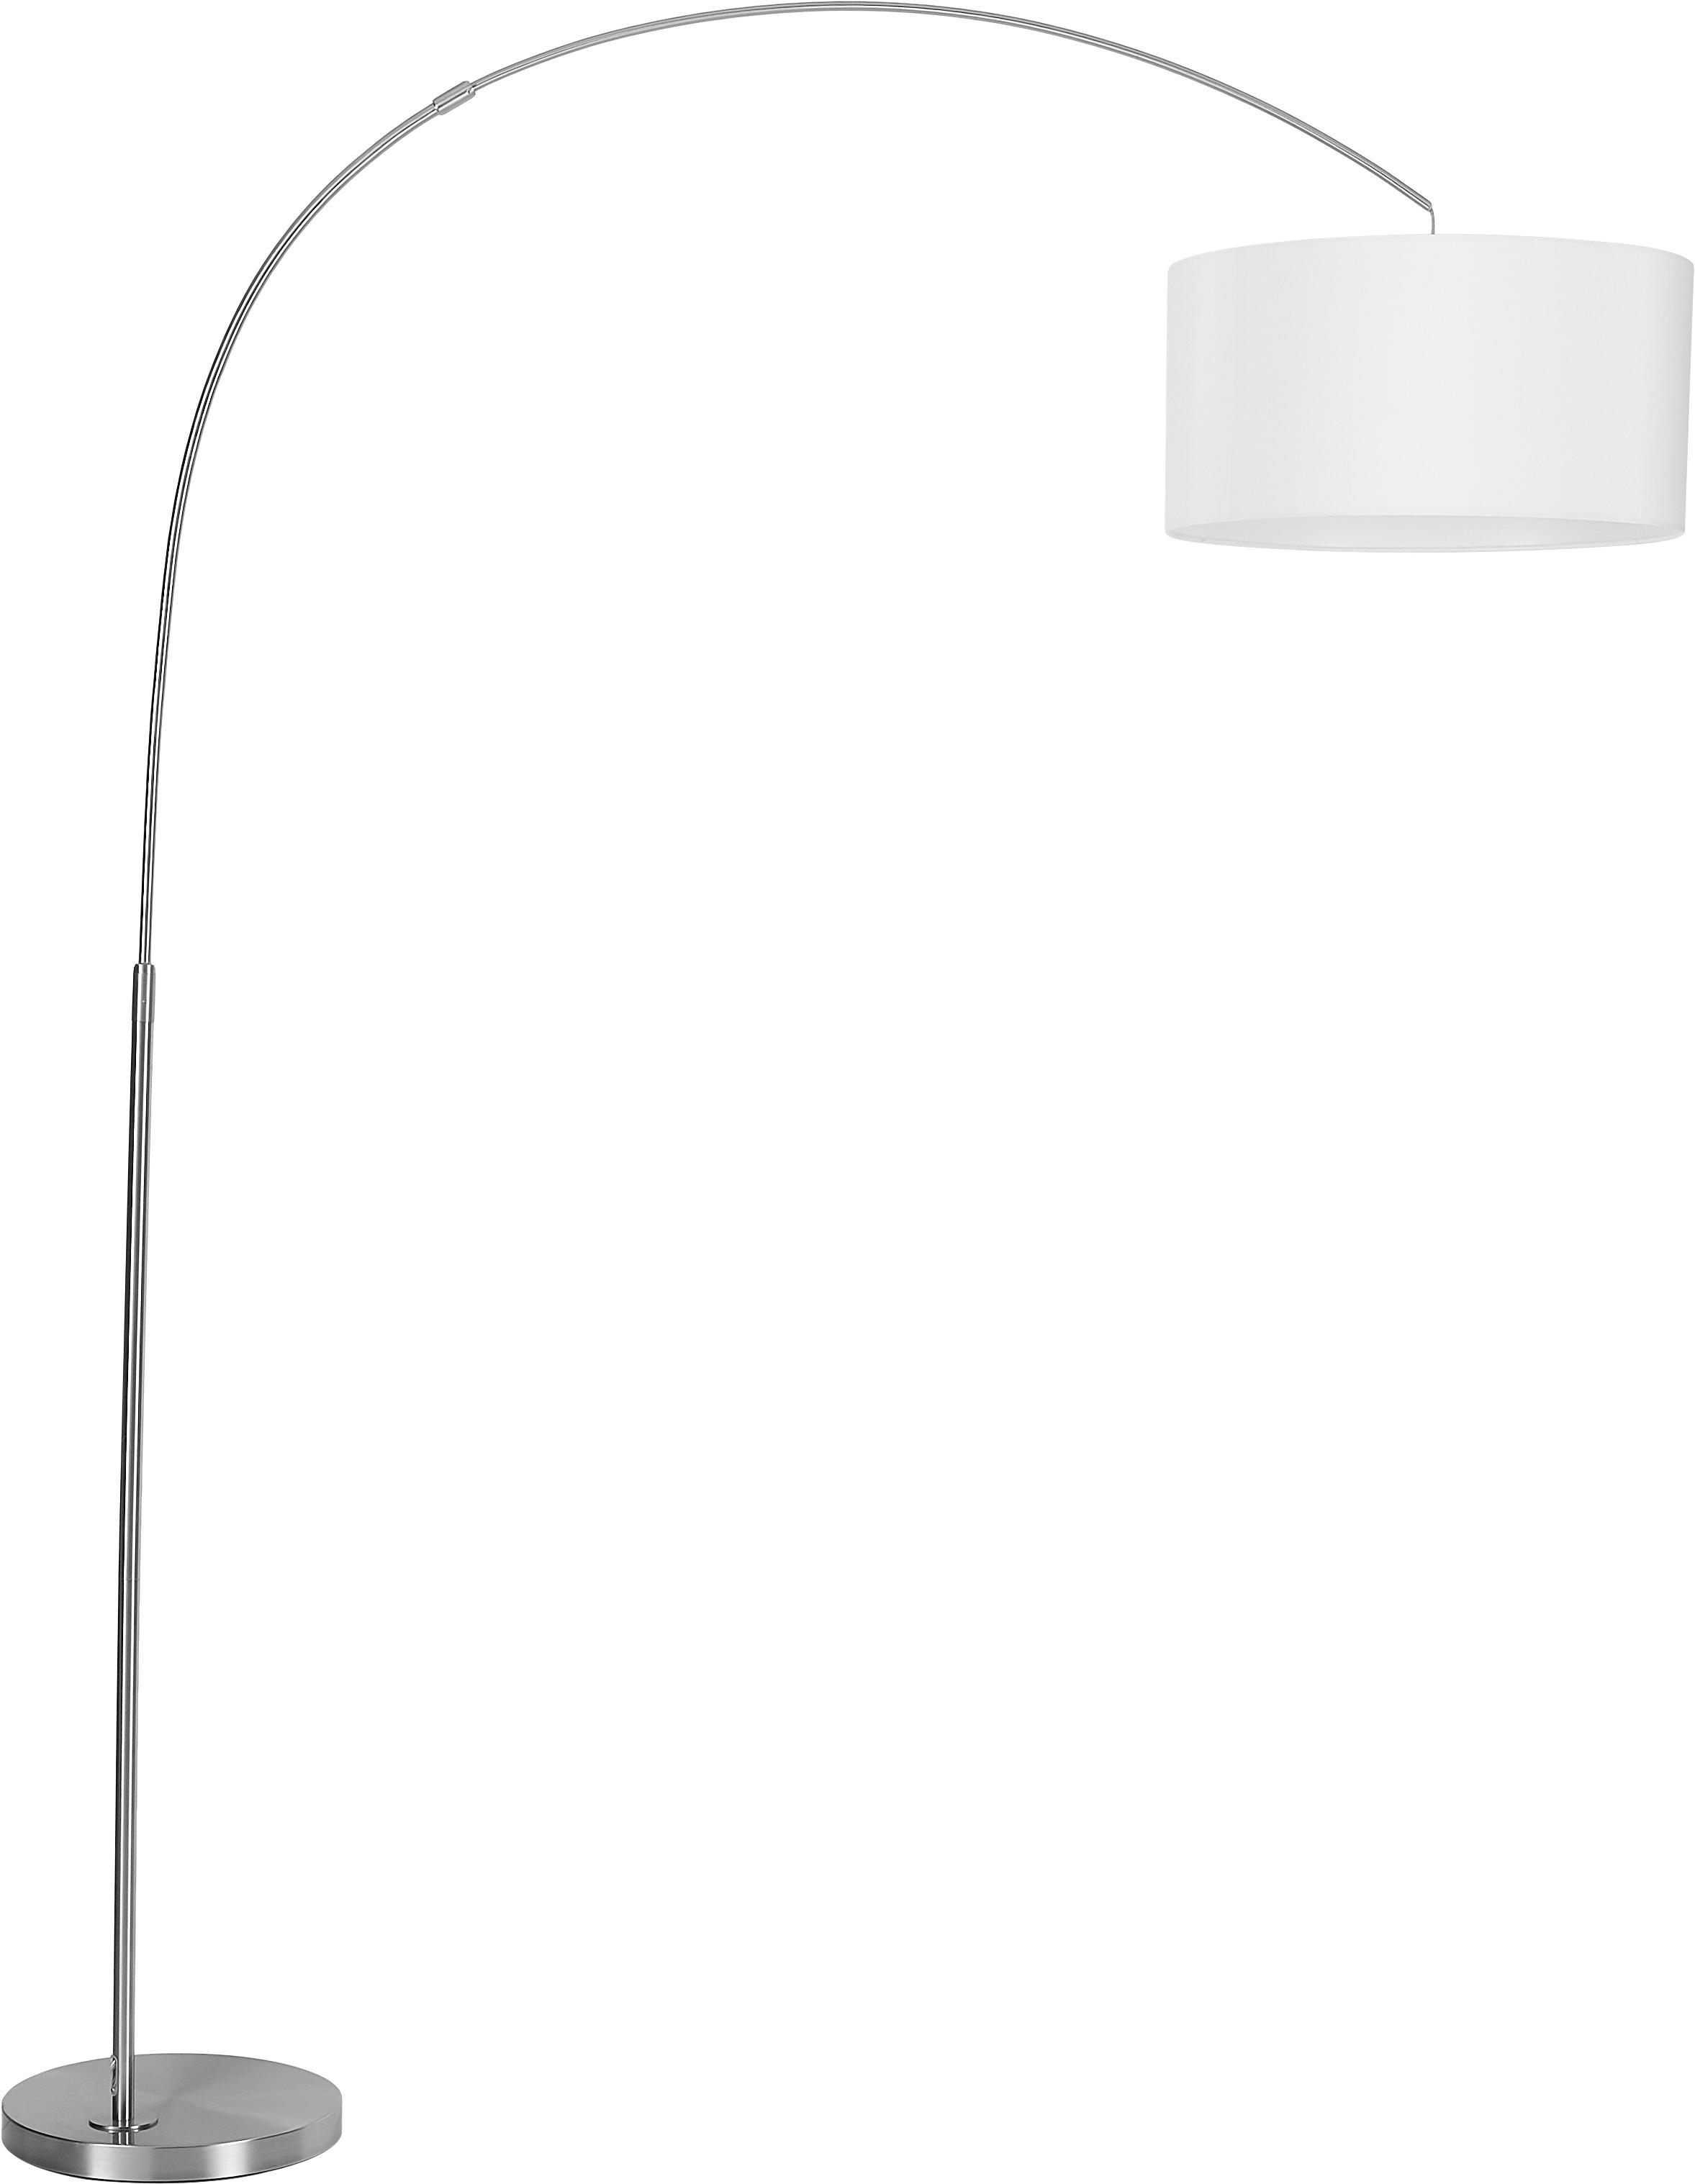 Lampa podłogowa w kształcie łuku Niels, Klosz: biały Podstawa lampy: chrom Kabel: transparentny, S 157 x W 218 cm